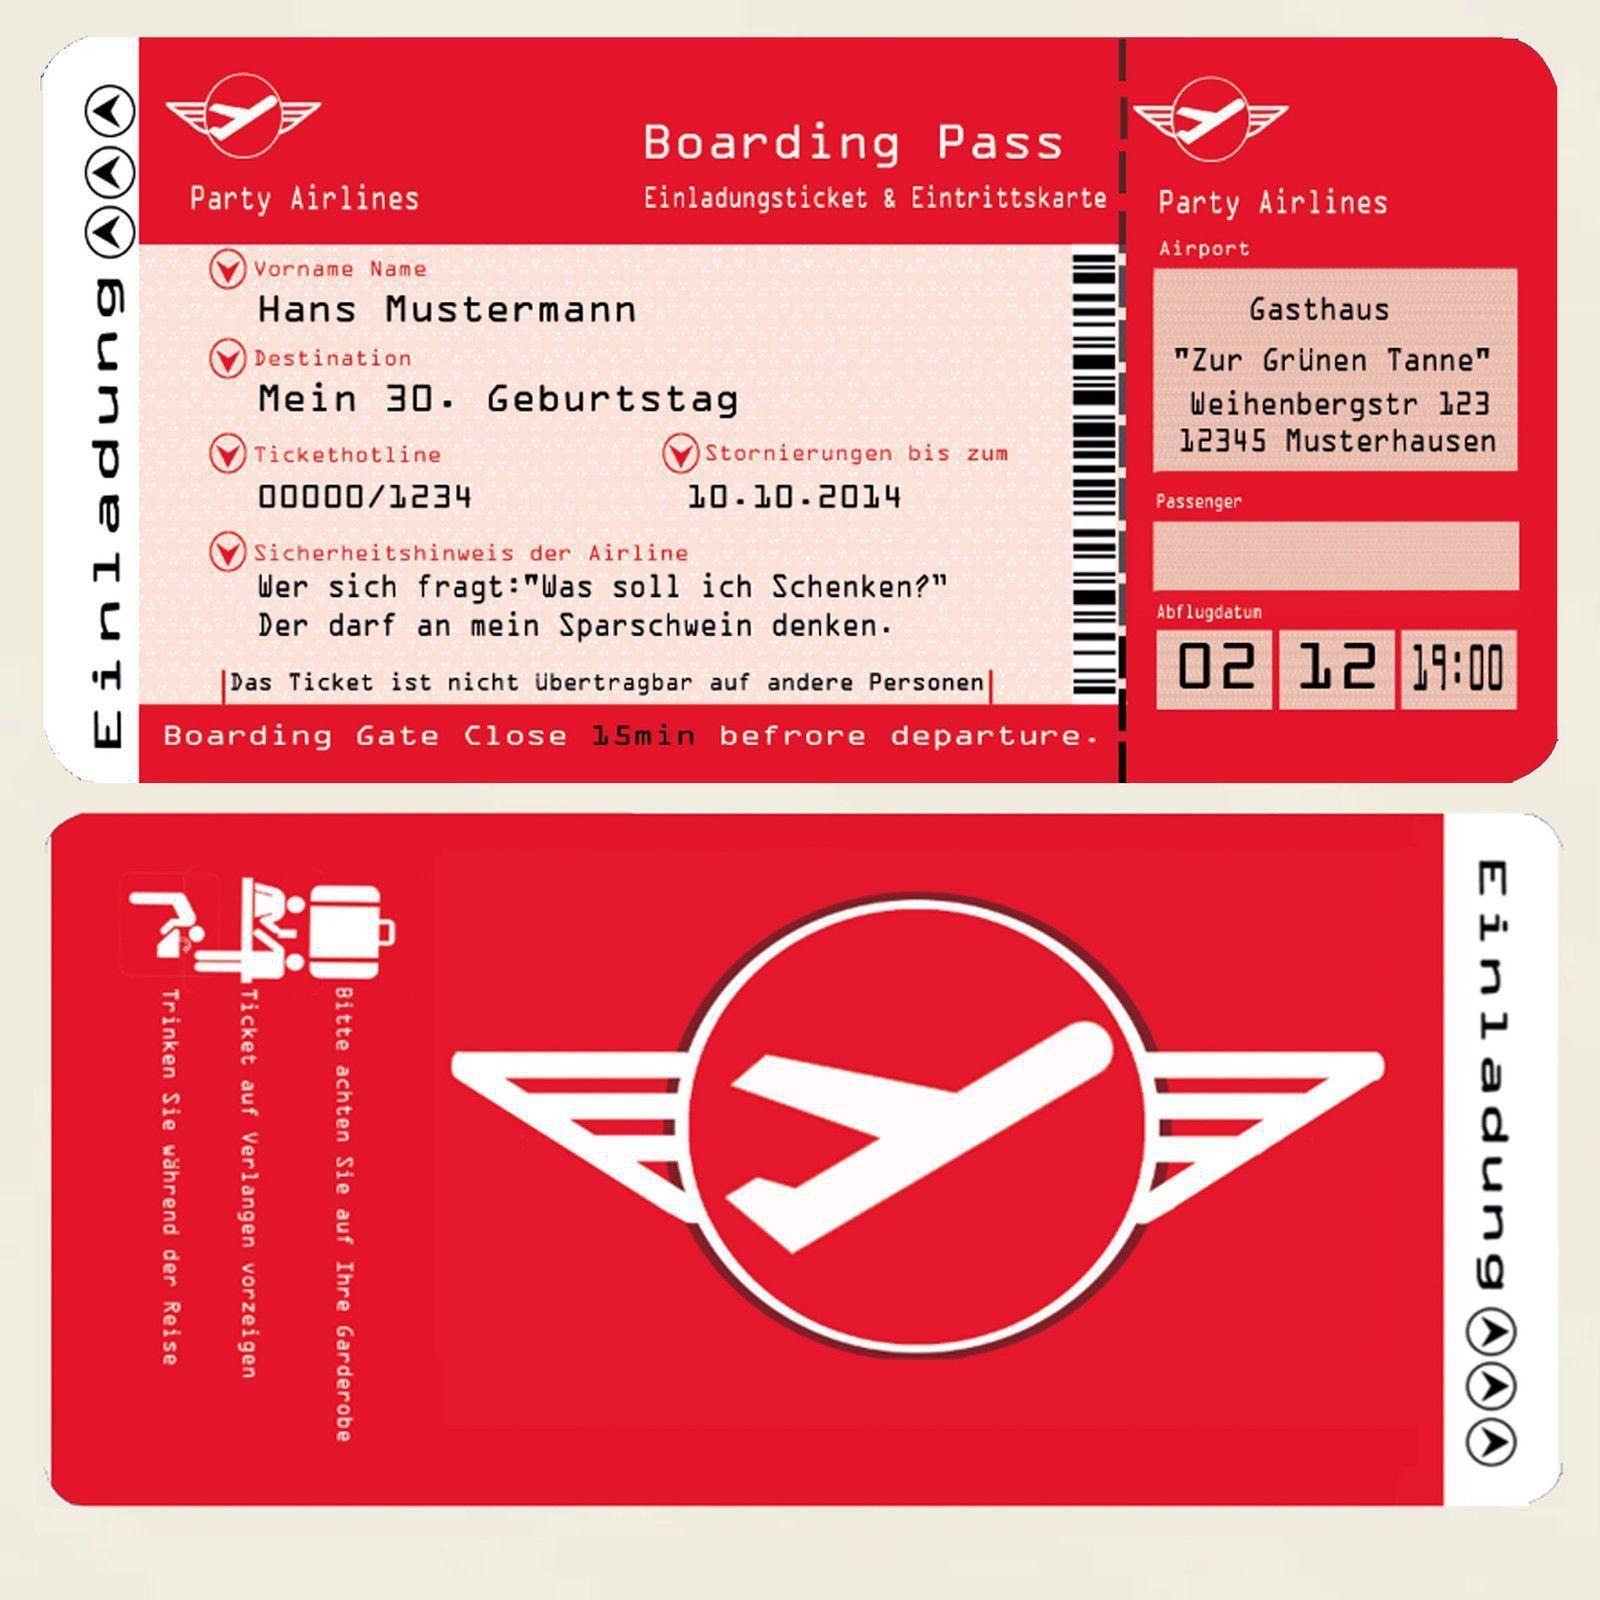 Einladungskarten Gestalten Dm : Einladungskarten Selbst Gestalten Dm    Online Einladungskarten   Online Einladungskarten